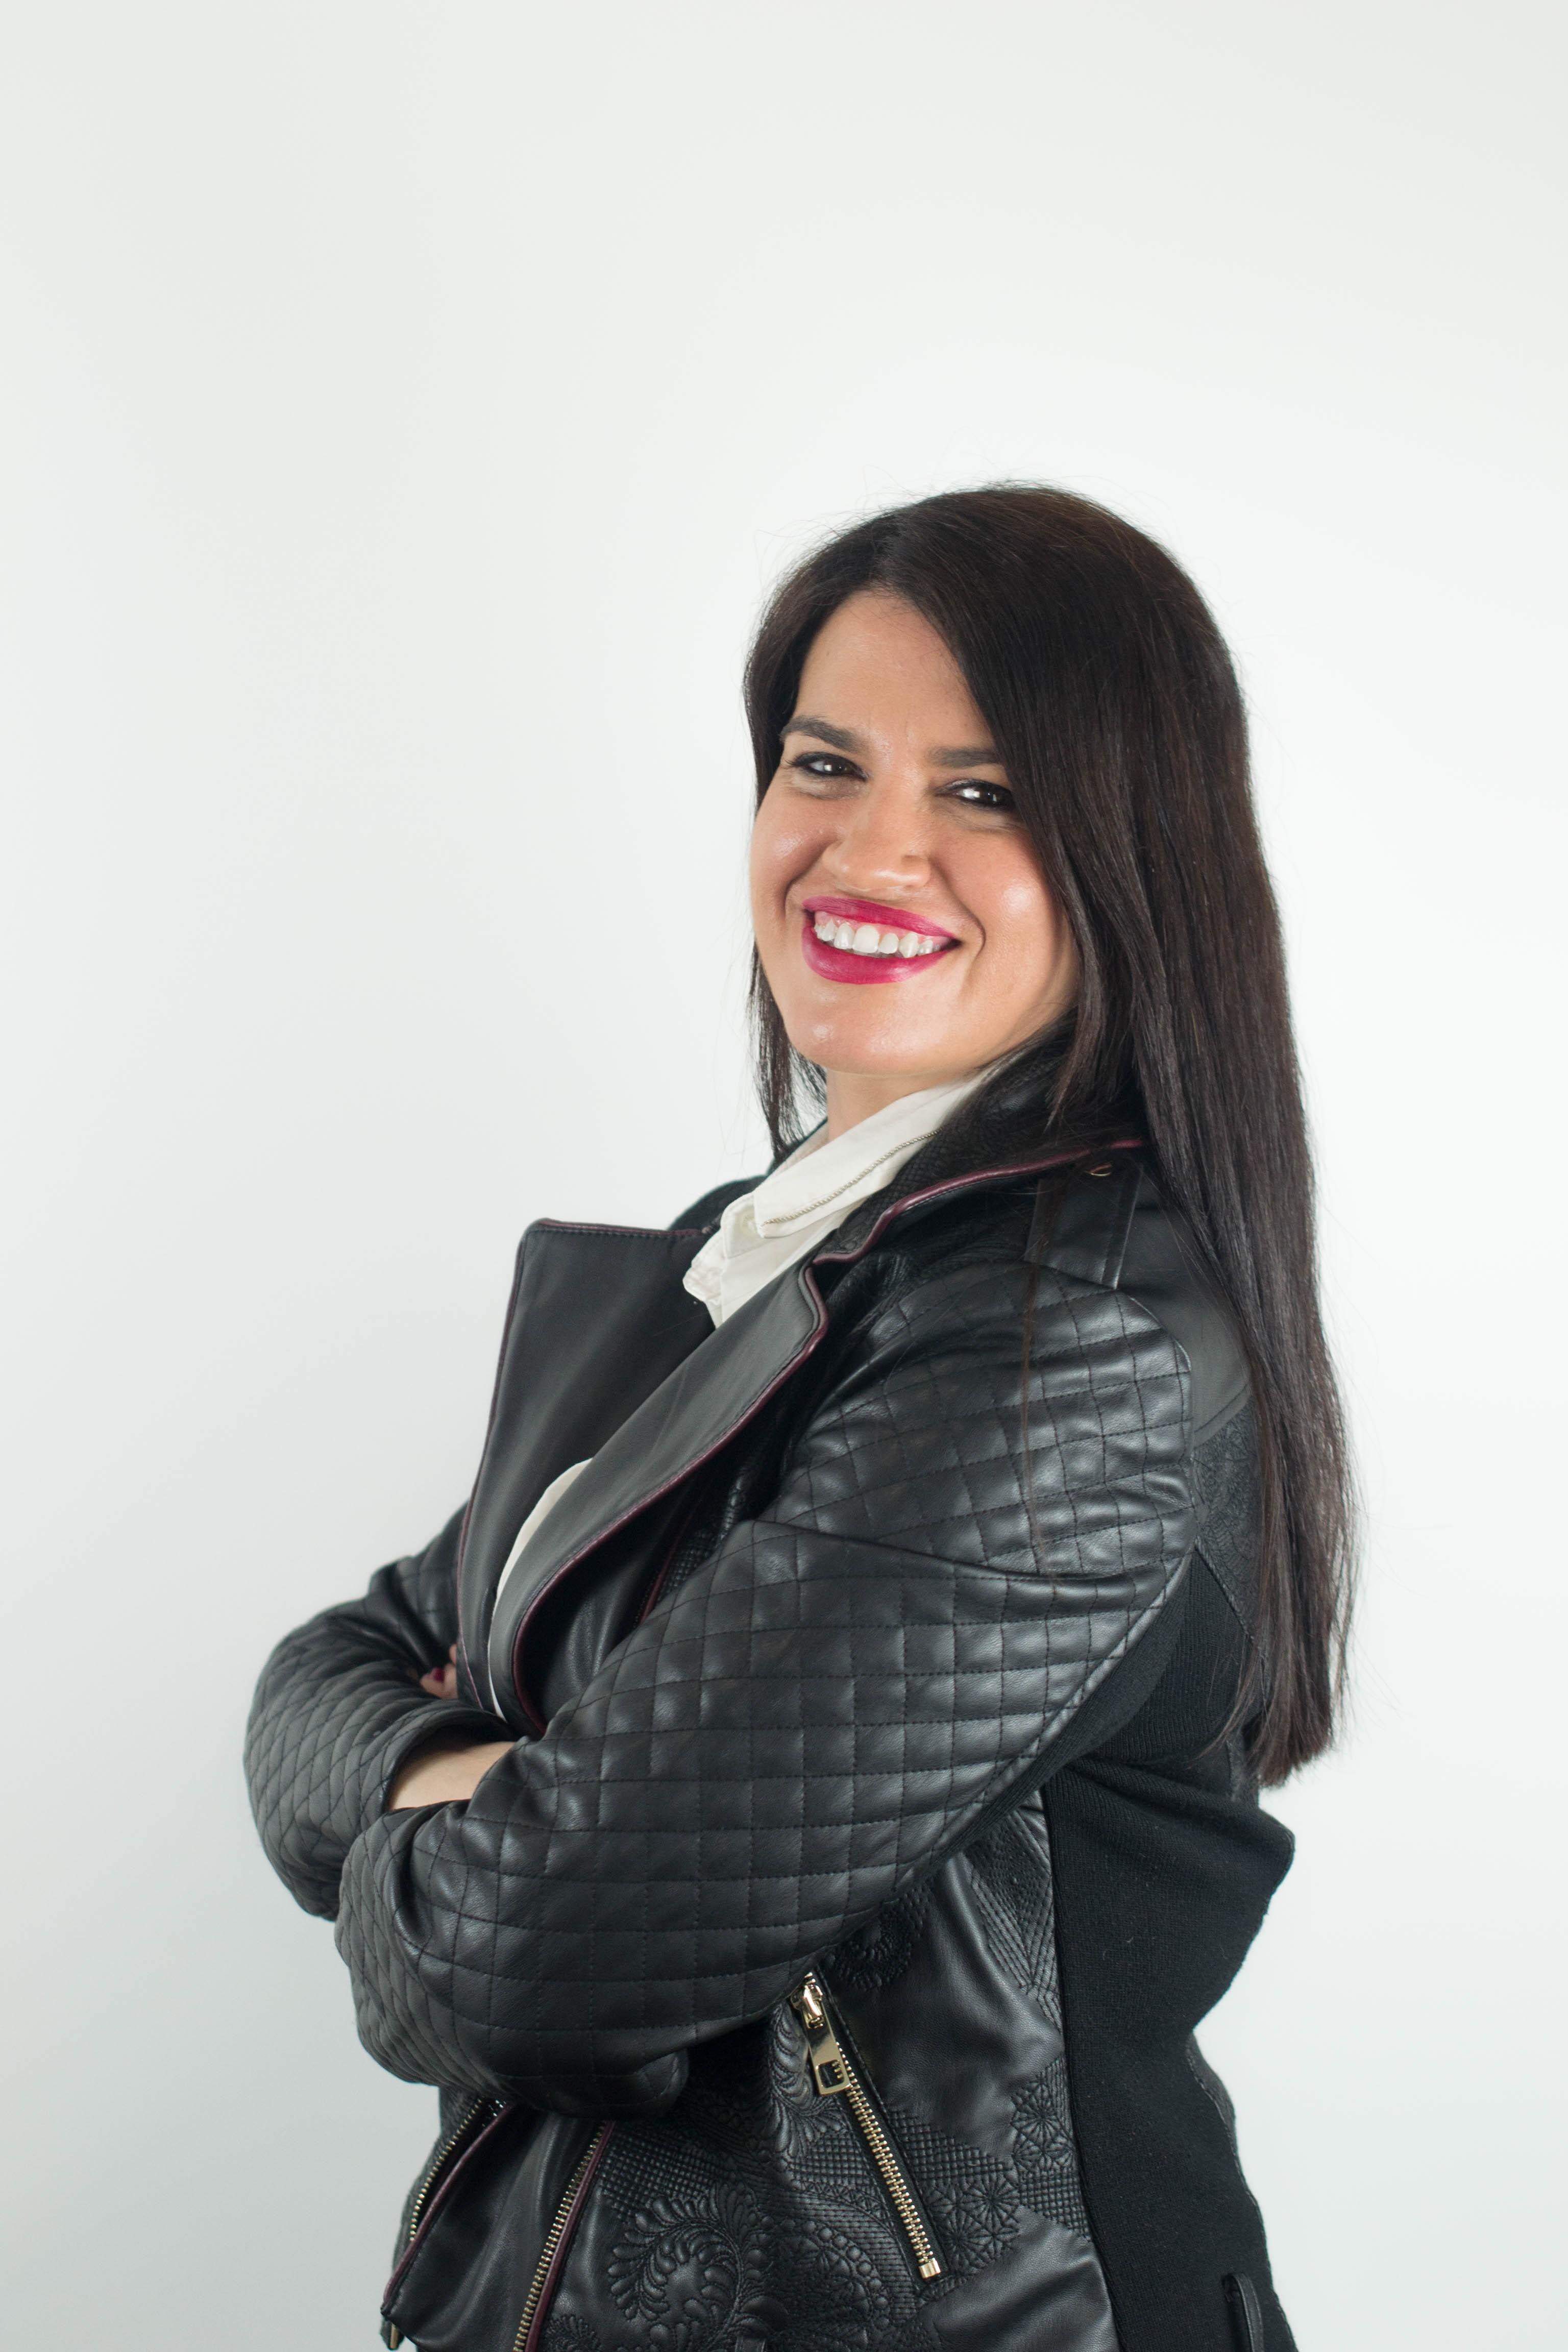 Ana Belén Fernández Barrera